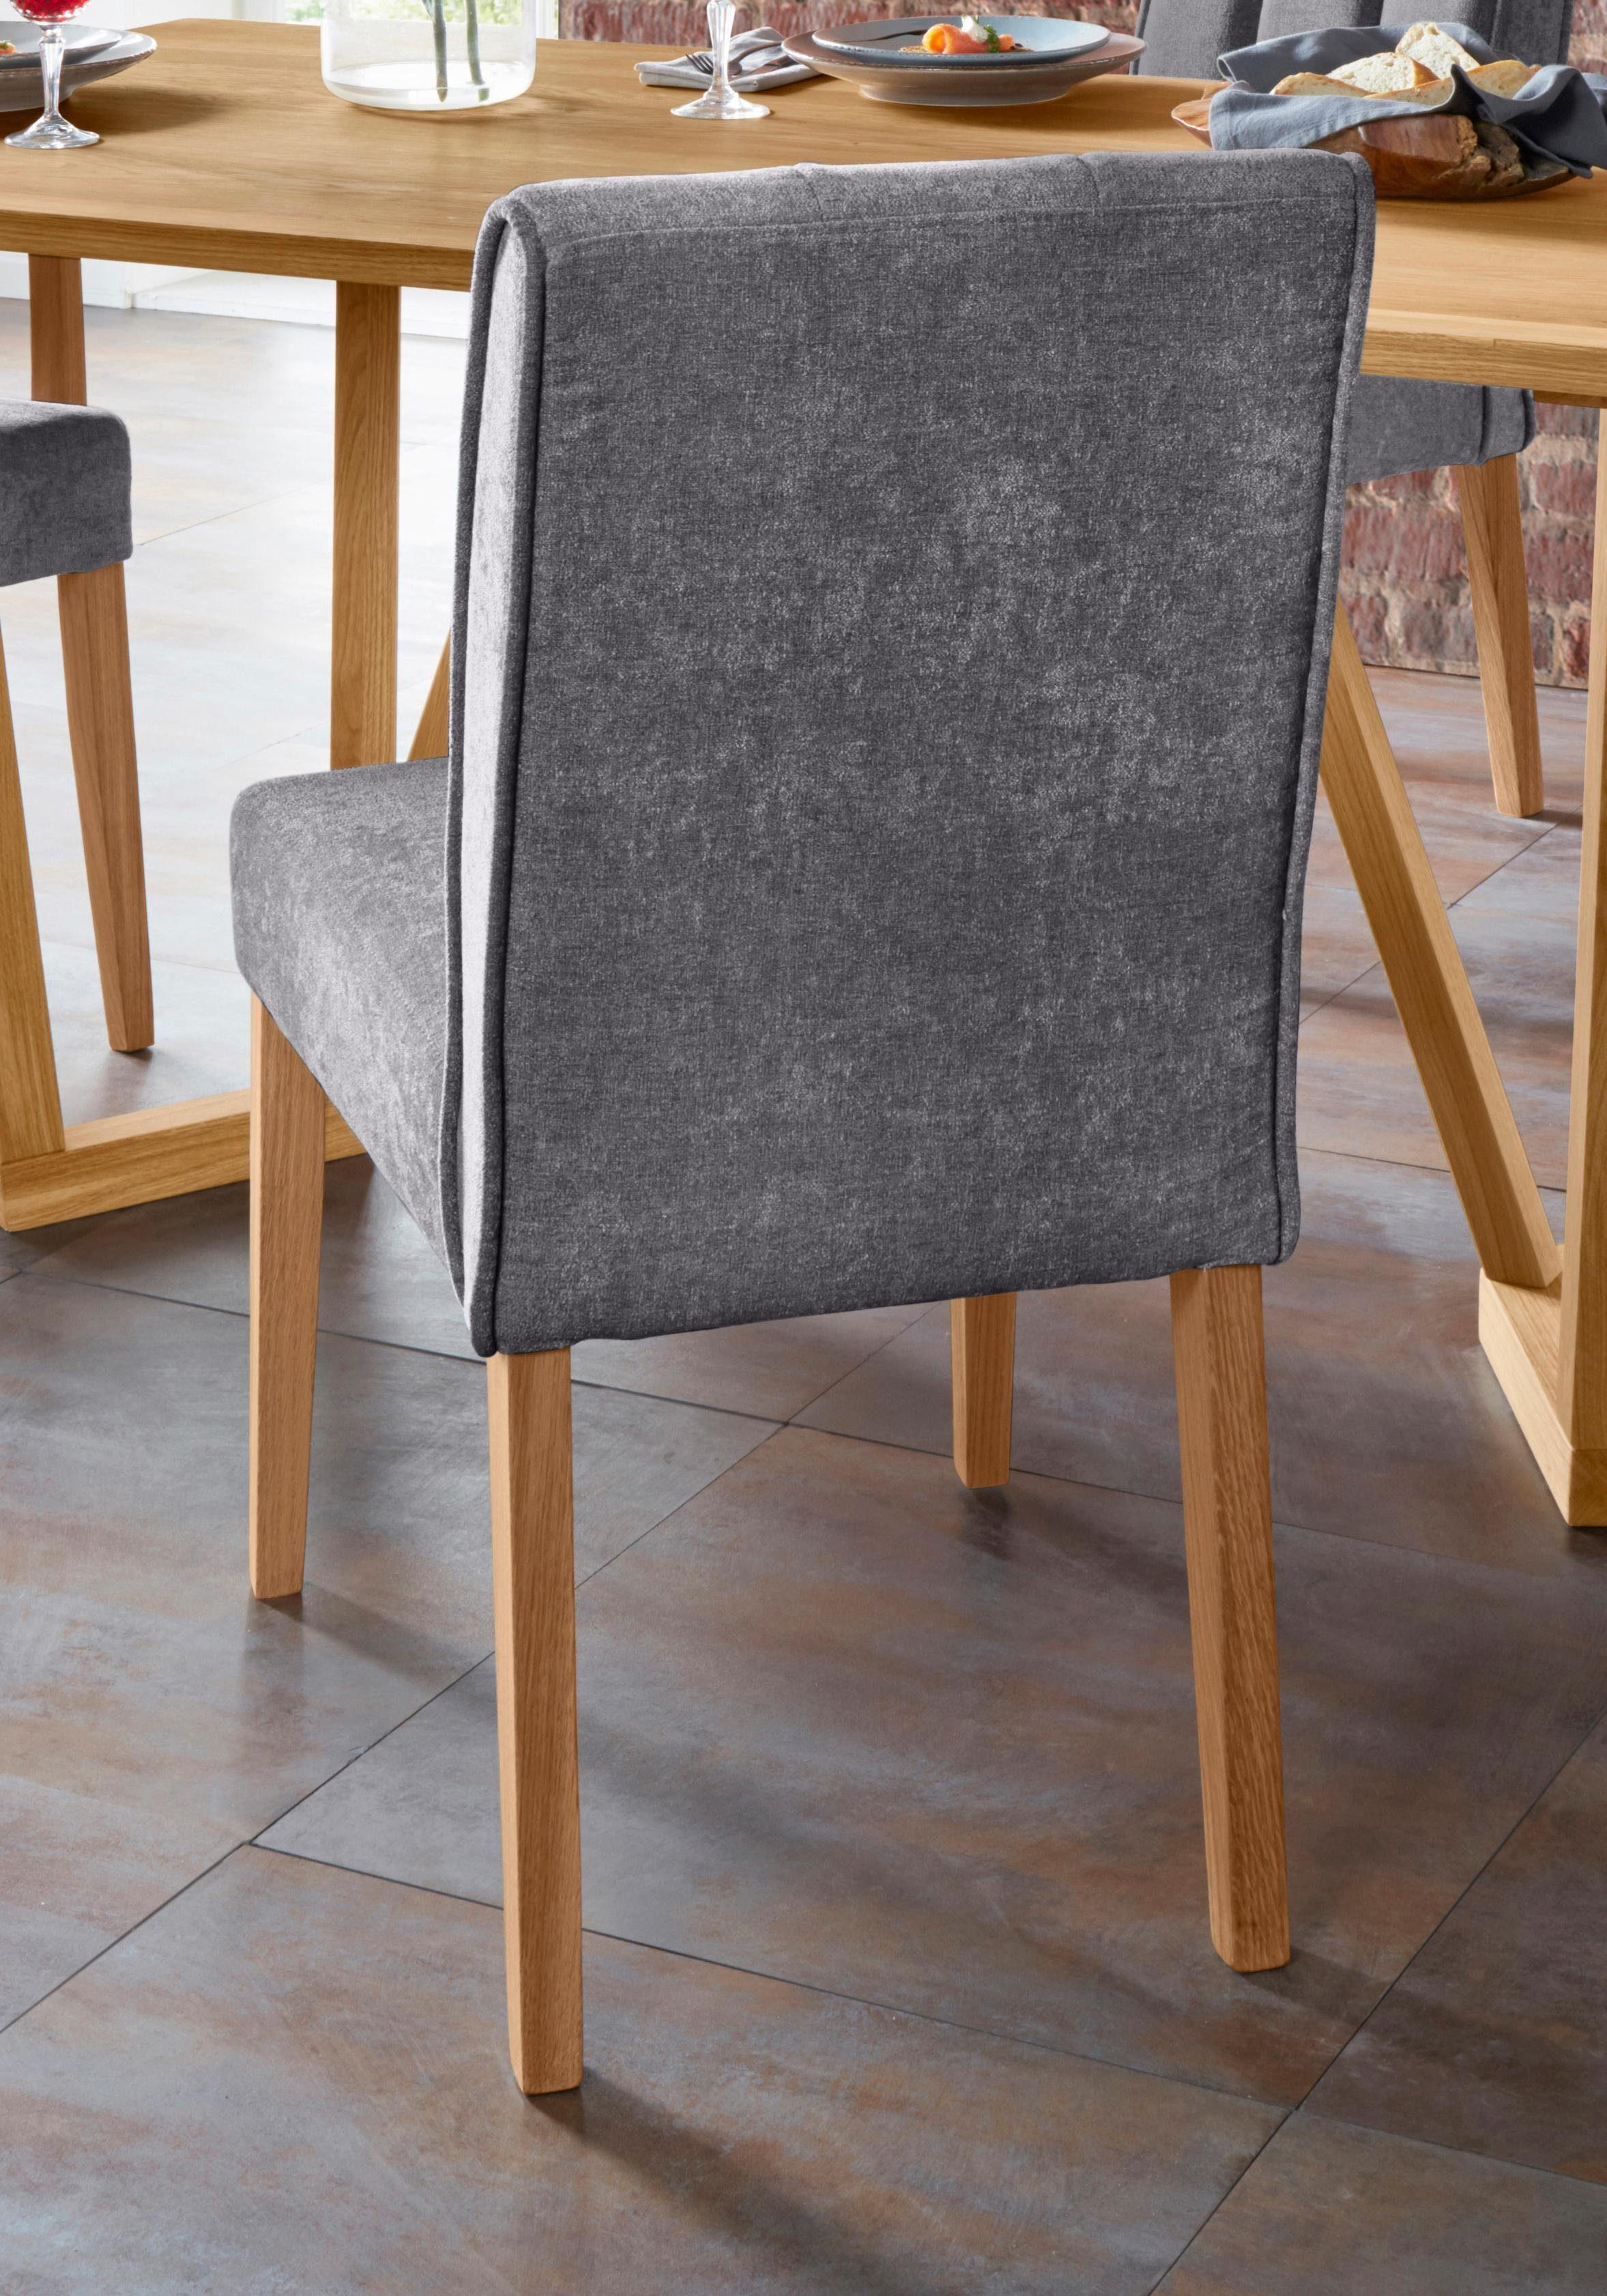 Stuhl »Nora Premium 1«, Gestell aus Massivholz online kaufen | OTTO